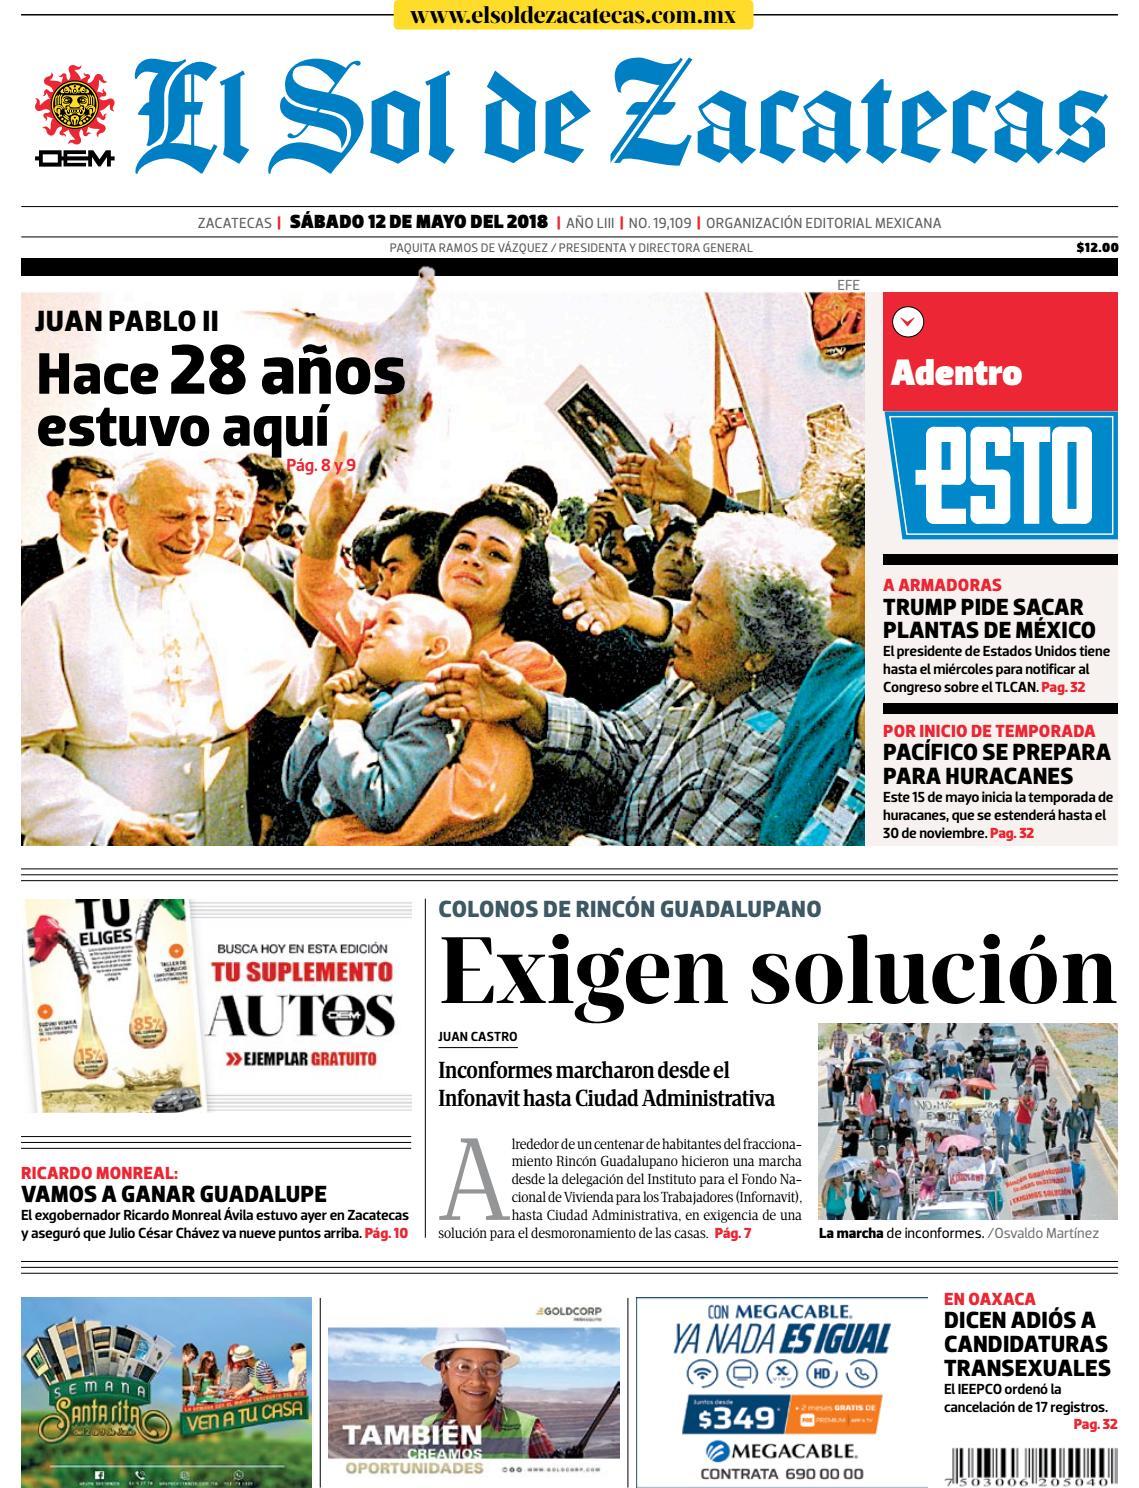 2b1d3f54464 El Sol de Zacatecas 12 de mayo 2018 by El Sol de Zacatecas - issuu